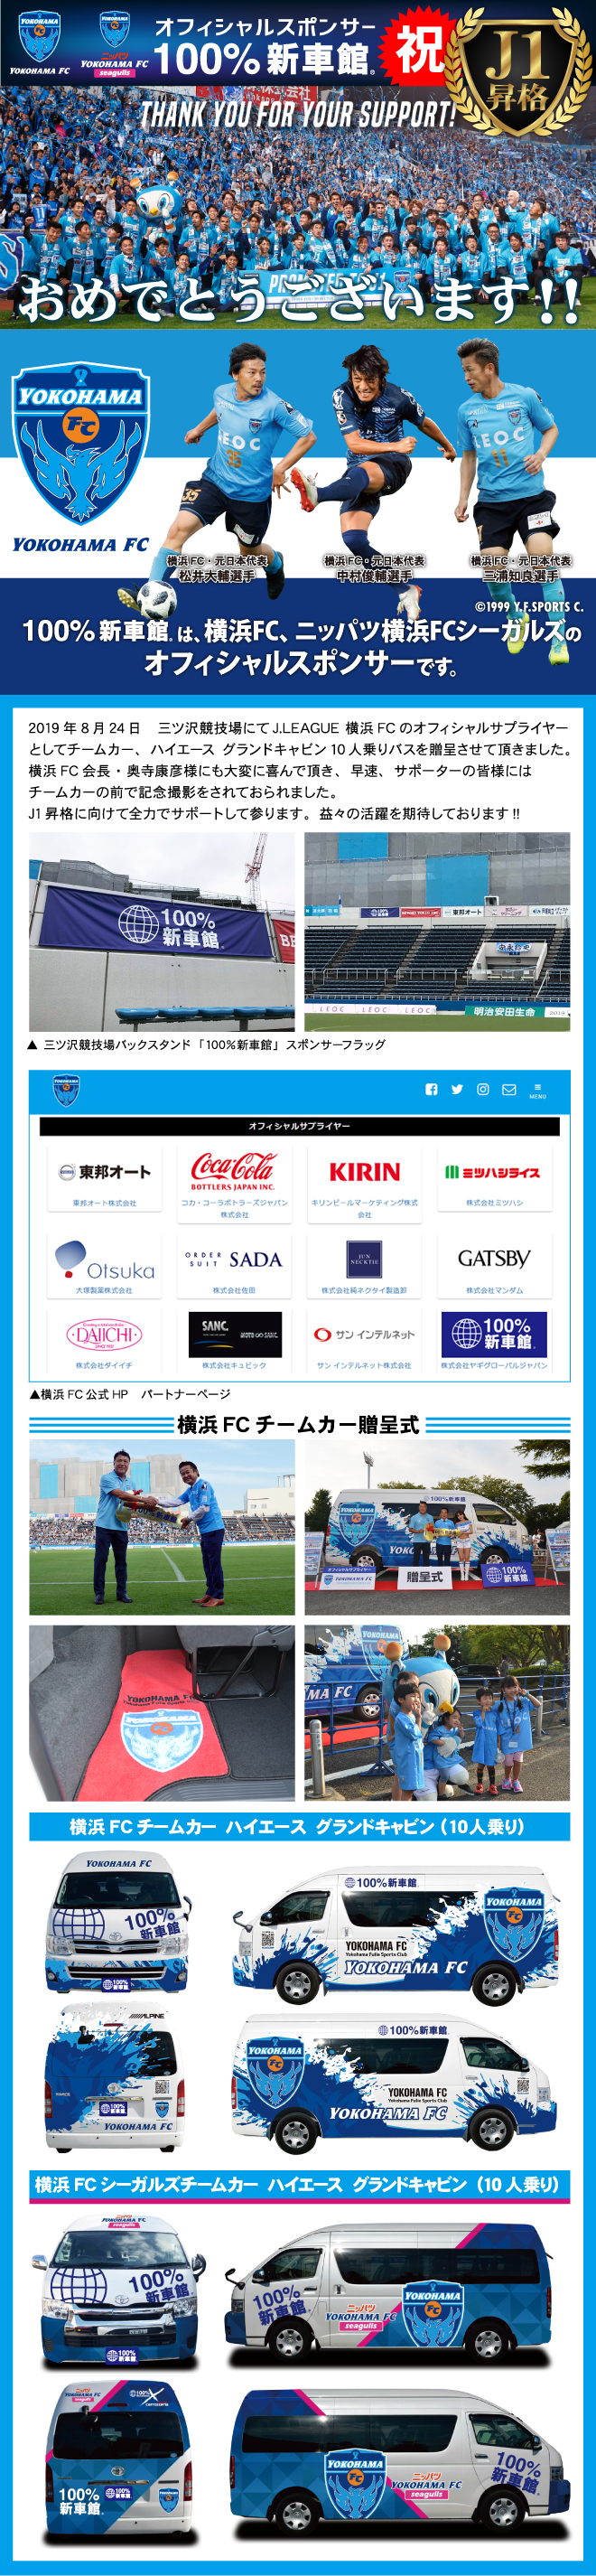 横浜FCスポンサーページ